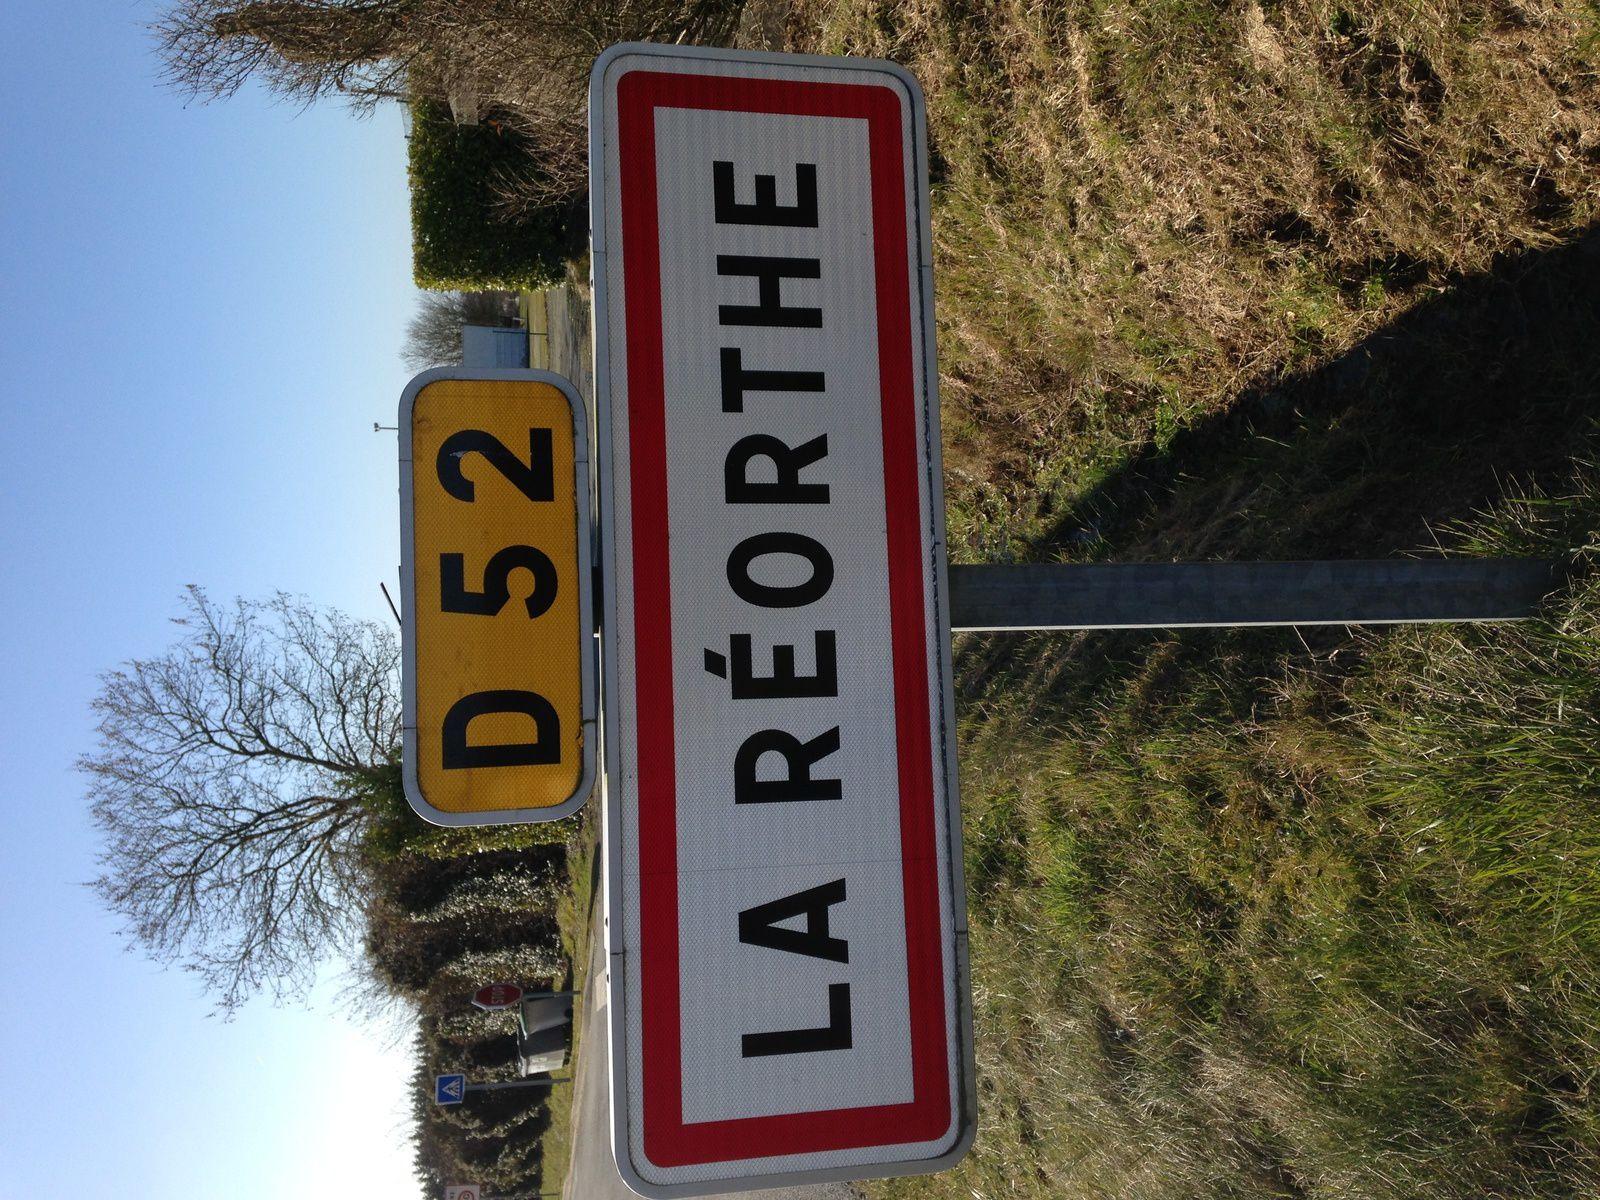 C - La Réorthe (Coll. C-A Verly)